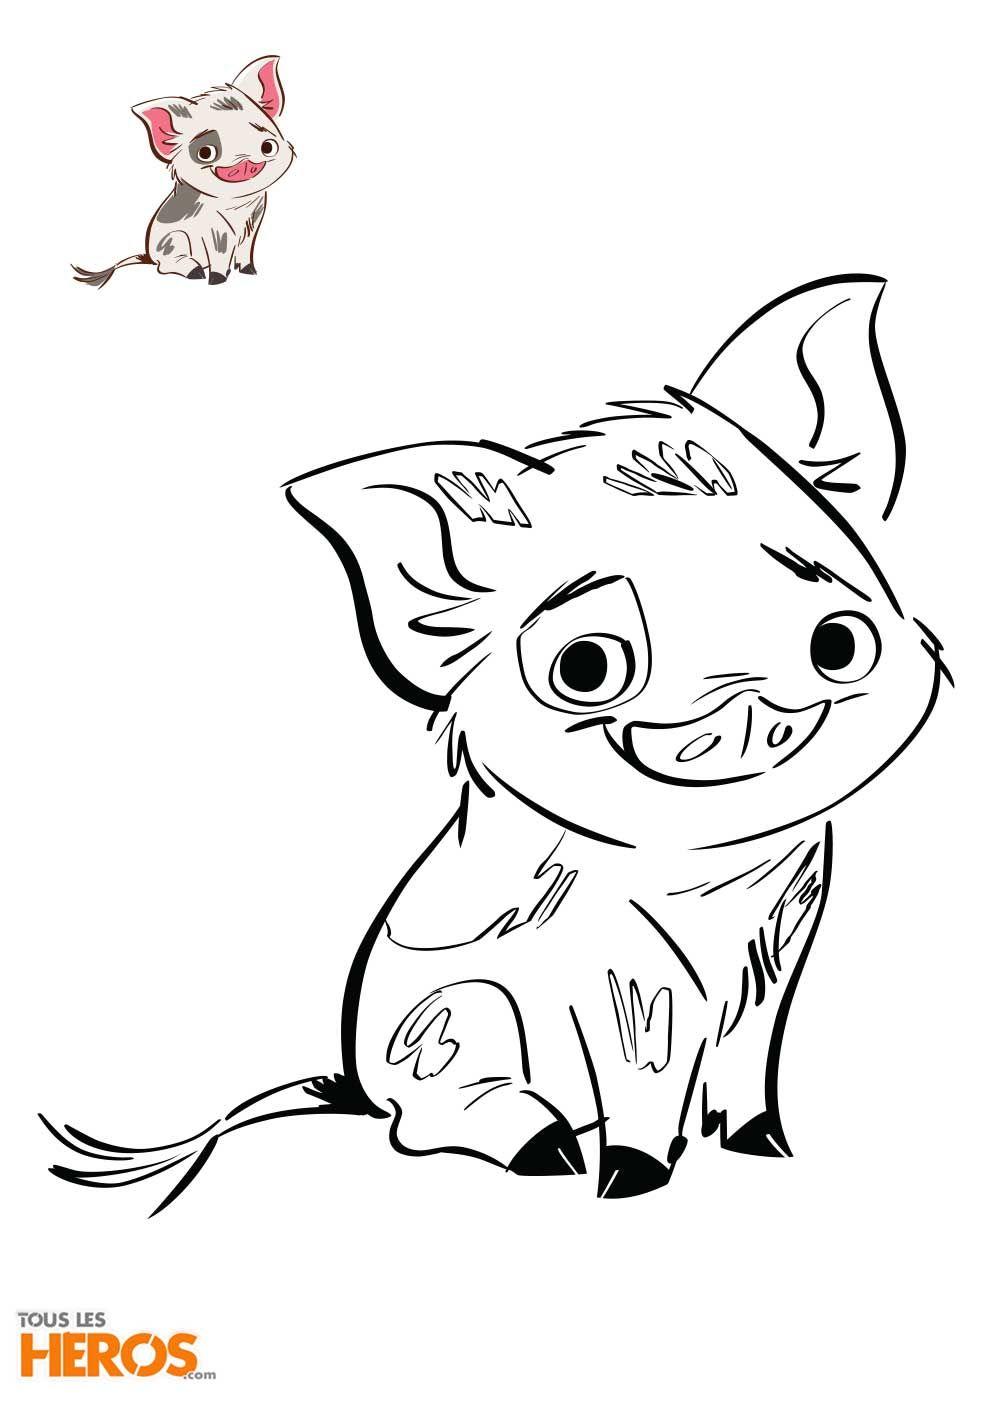 Le petit cochon dans le film vaiana colorier color pages moana coloring pages moana - Dessin cochon ...